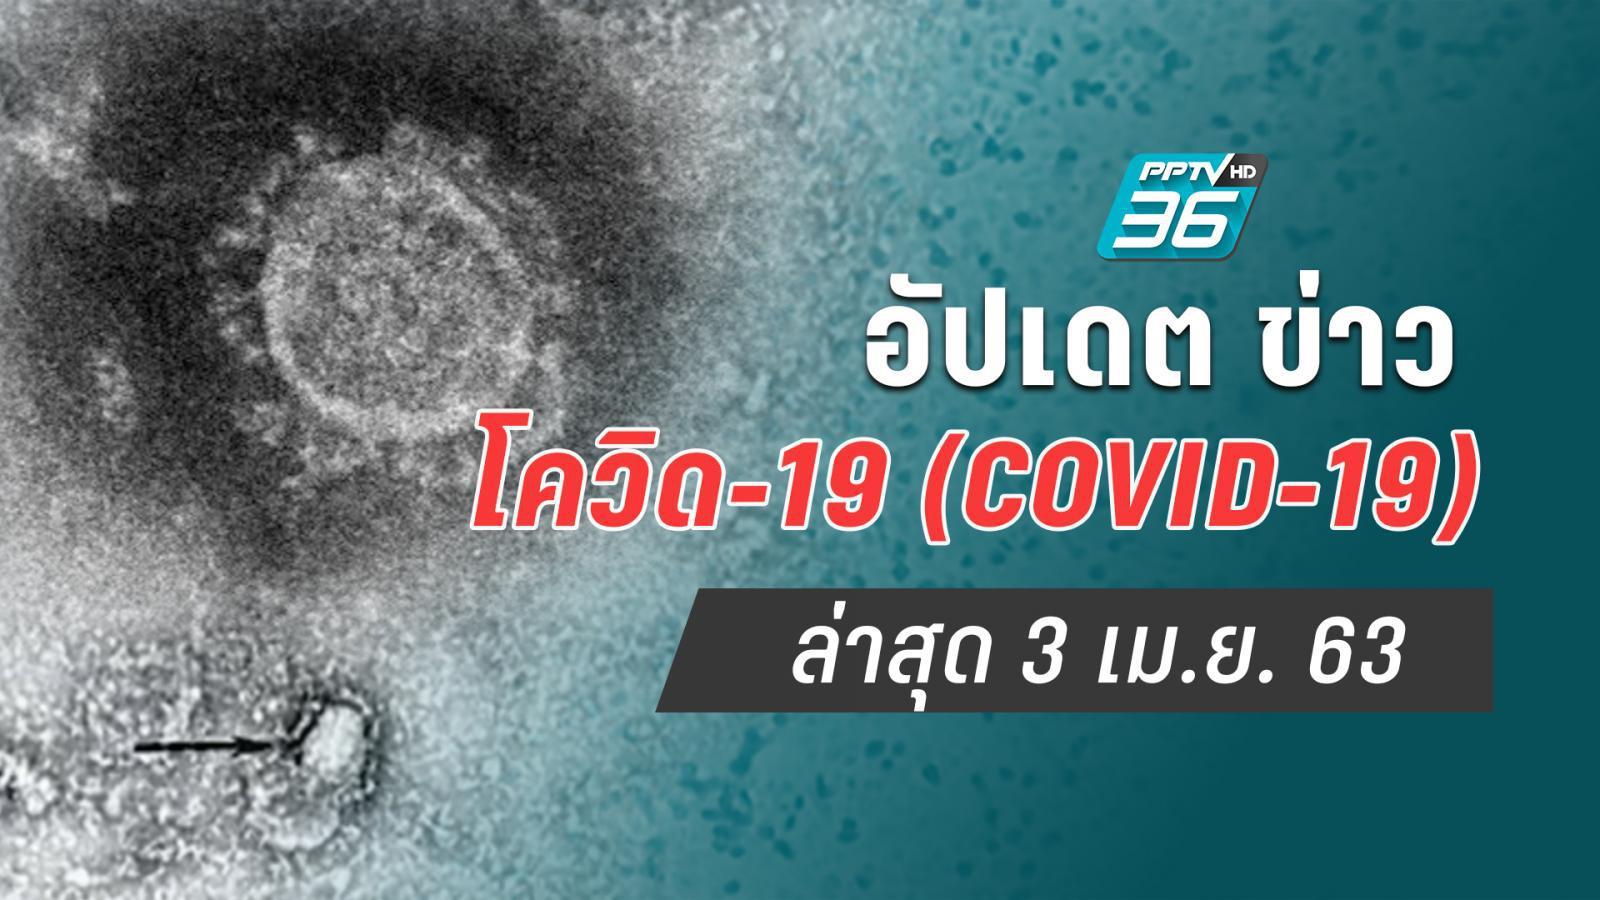 อัปเดตข่าวโควิด-19 (COVID-19) ล่าสุด 3 เม.ย. 63